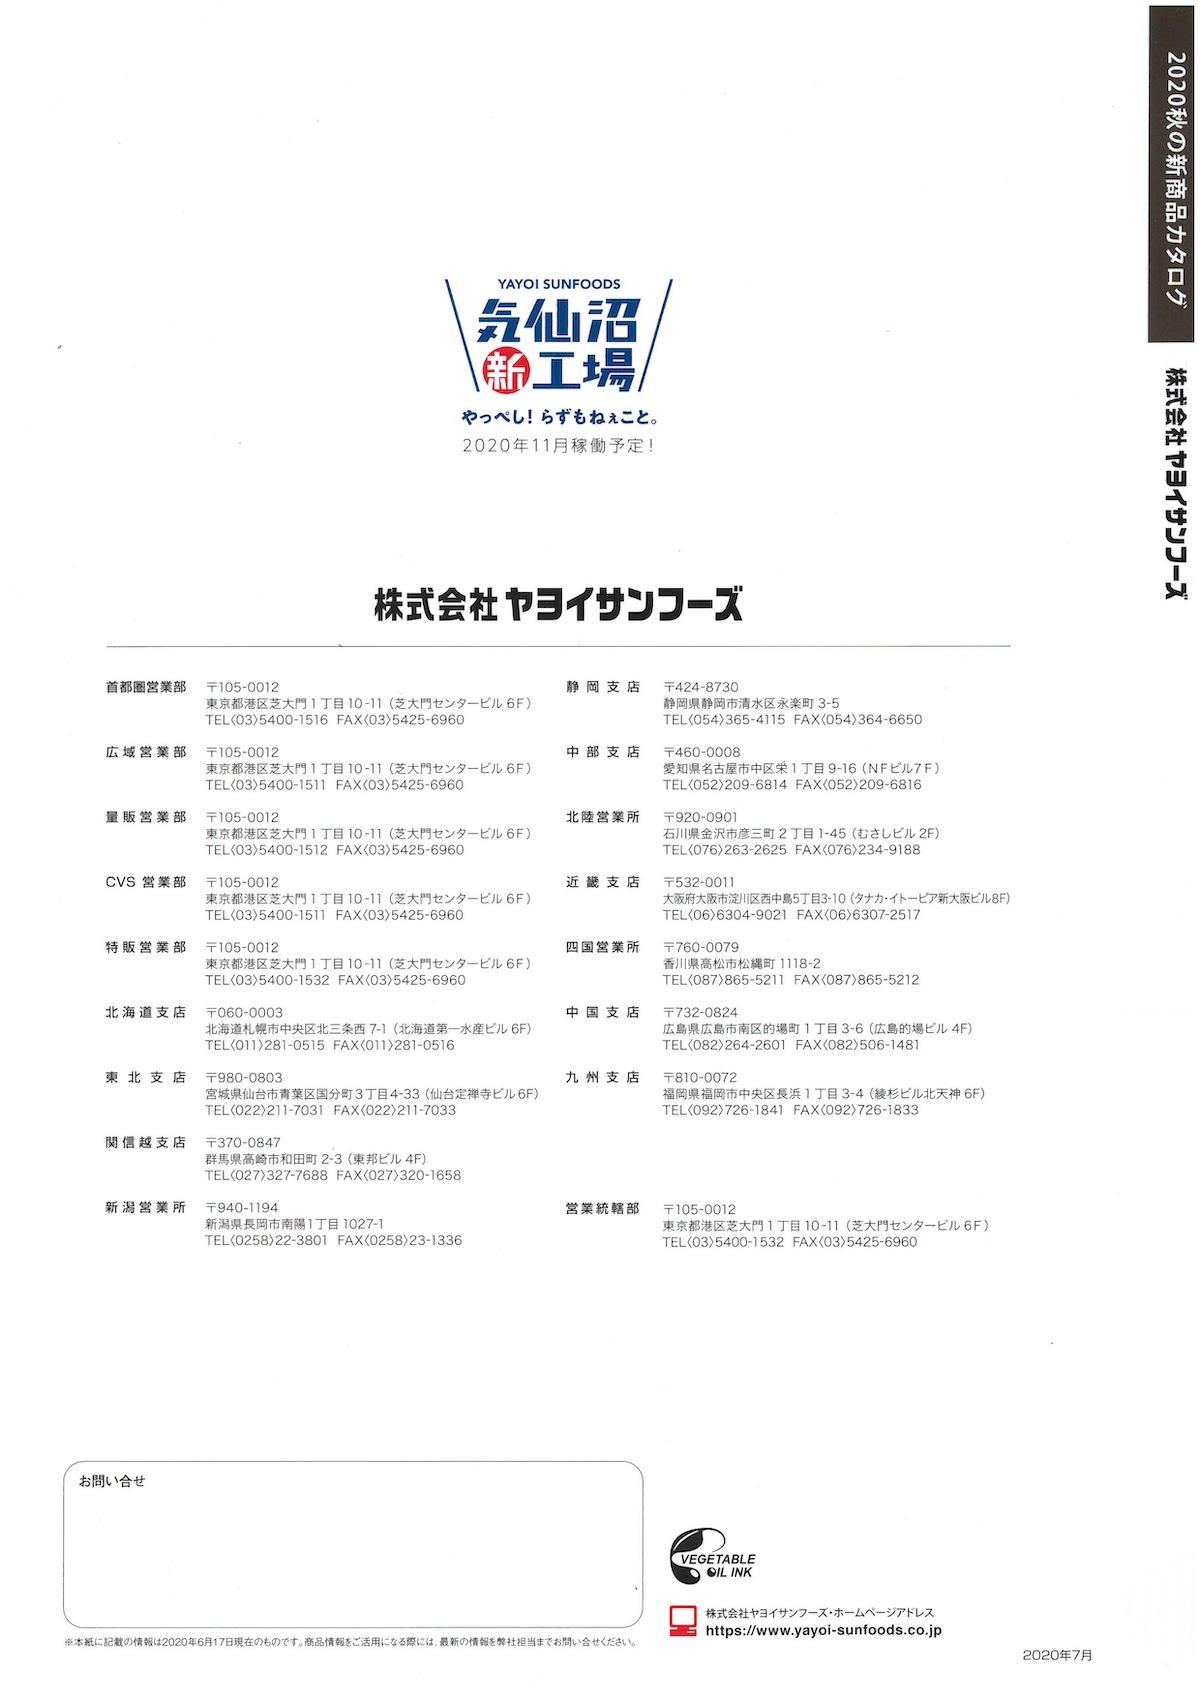 ヤヨイサンフーズ 2020秋の新商品